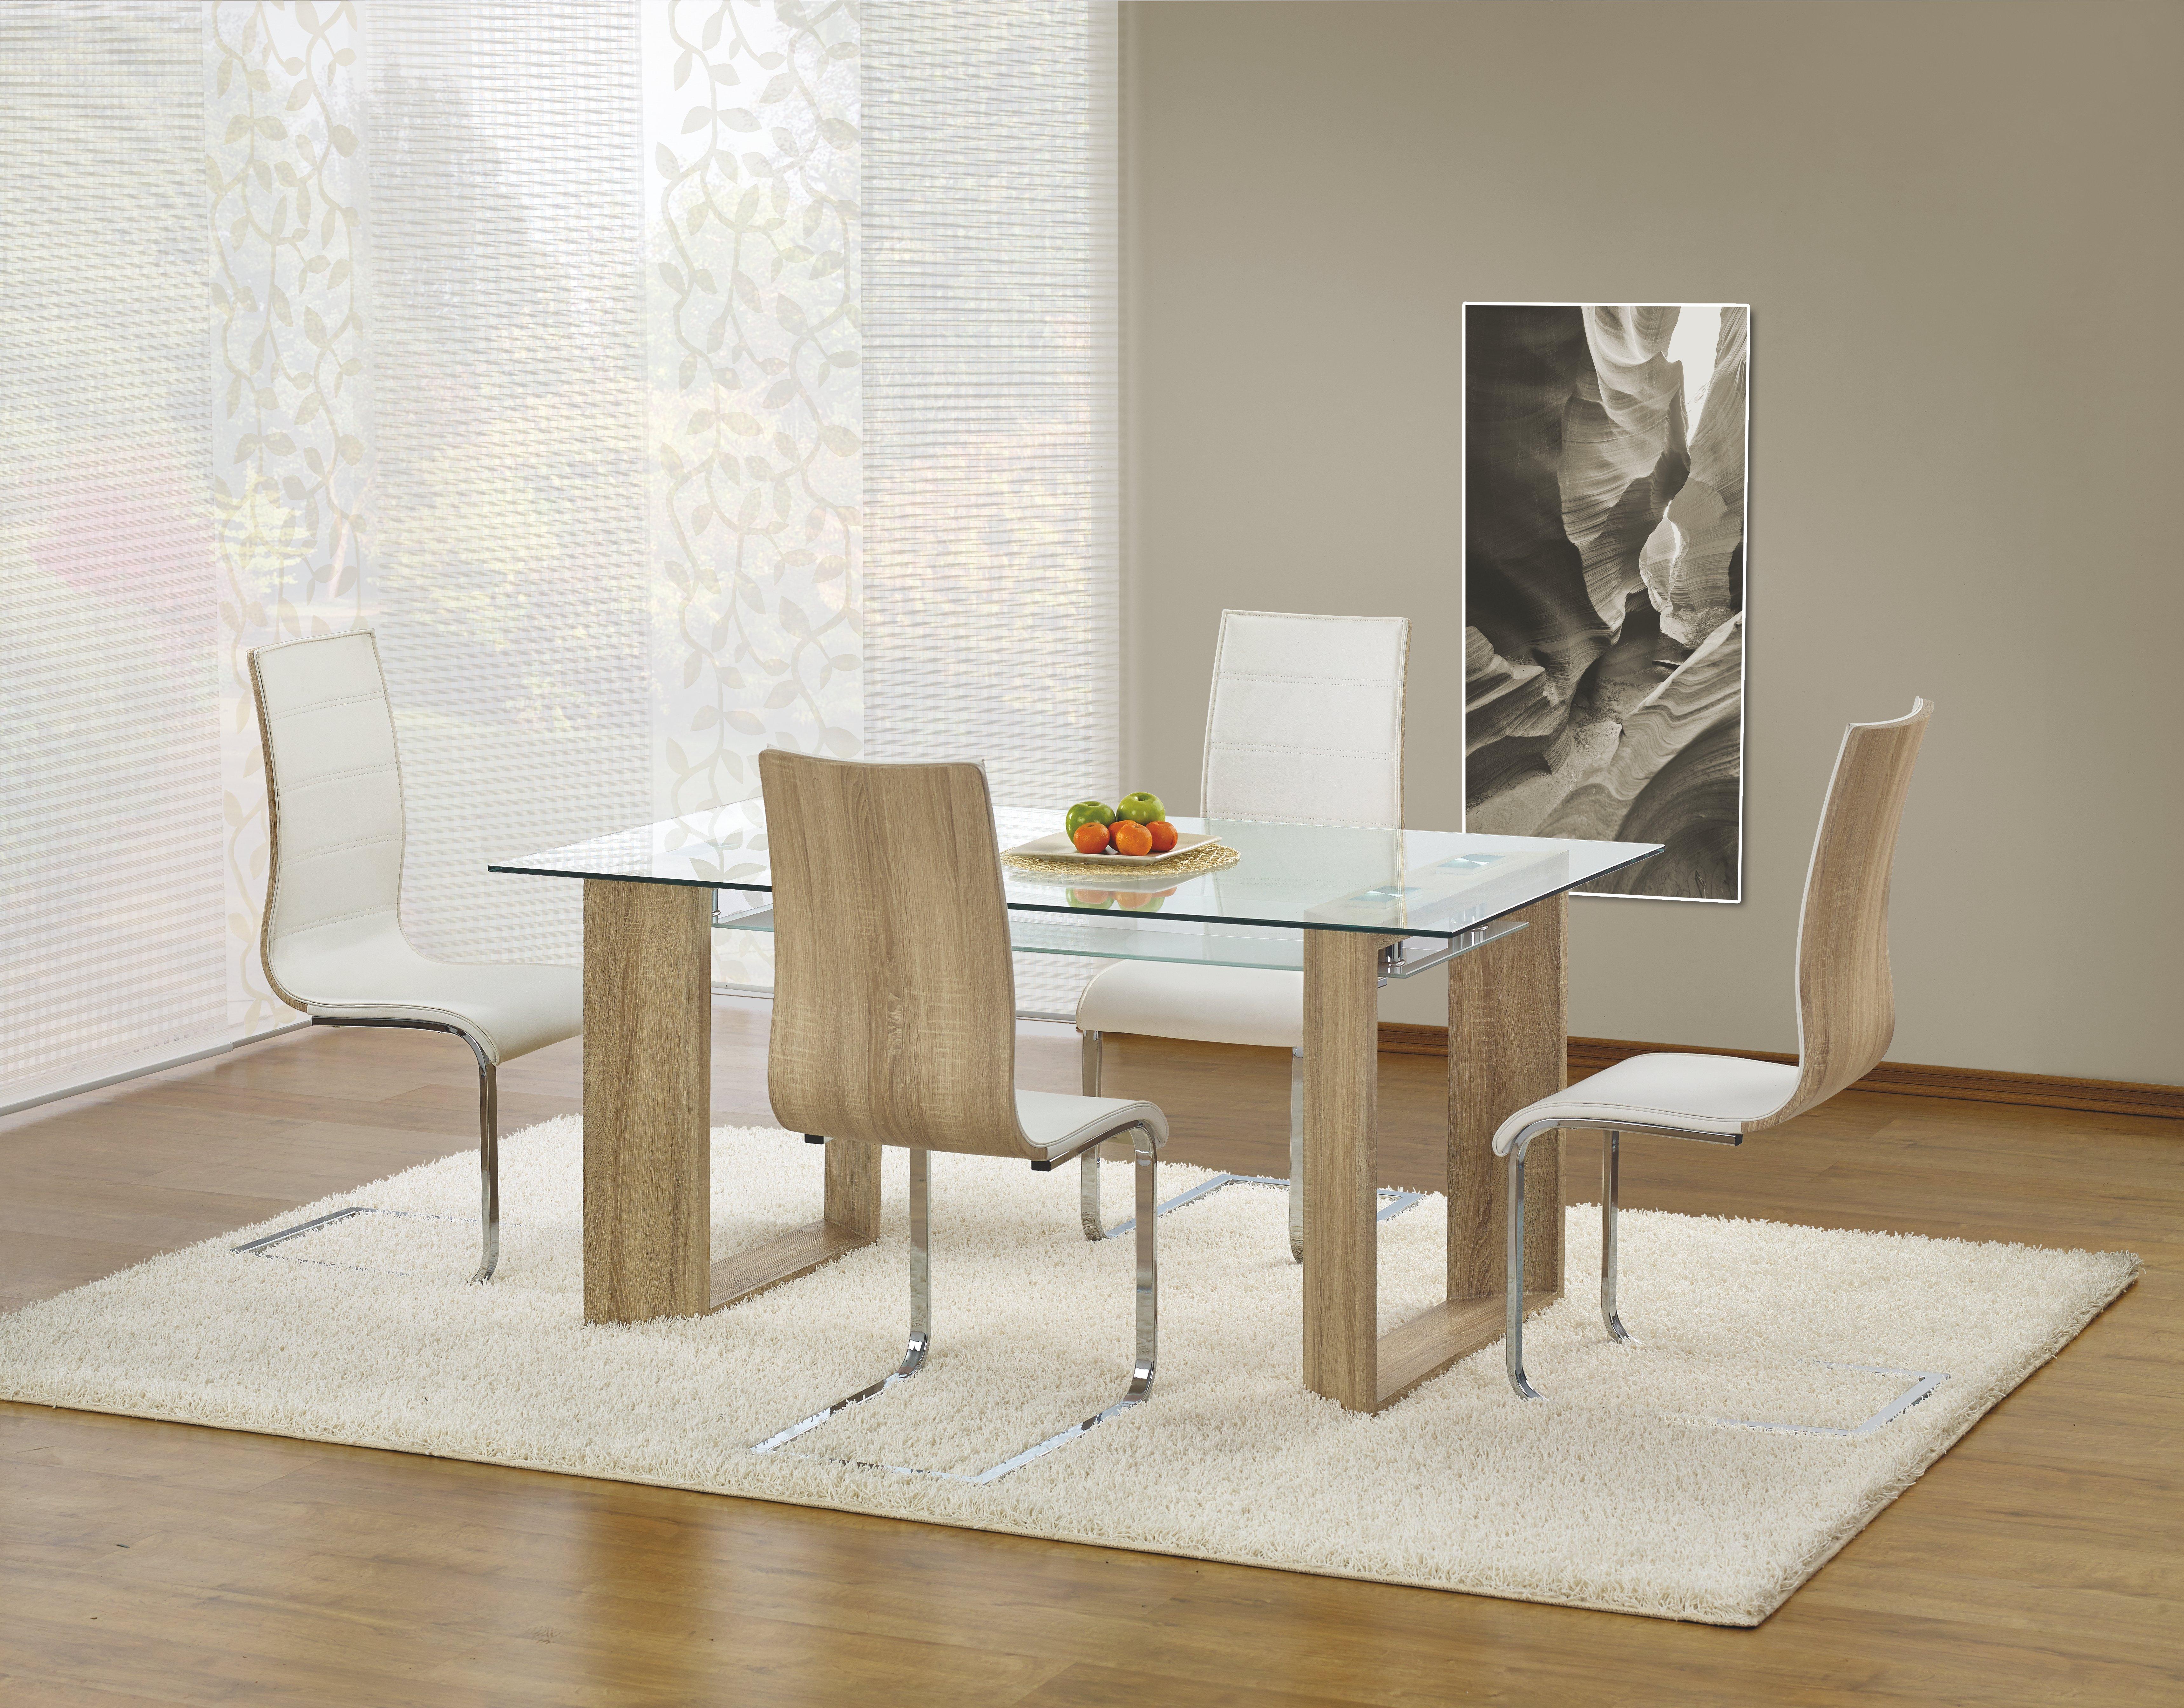 Jedálenský stôl - Halmar - HERBERT (pre 6 osôb). Akcia -7%. Sme autorizovaný predajca Halmar. Vlastná spoľahlivá doprava až k Vám domov.